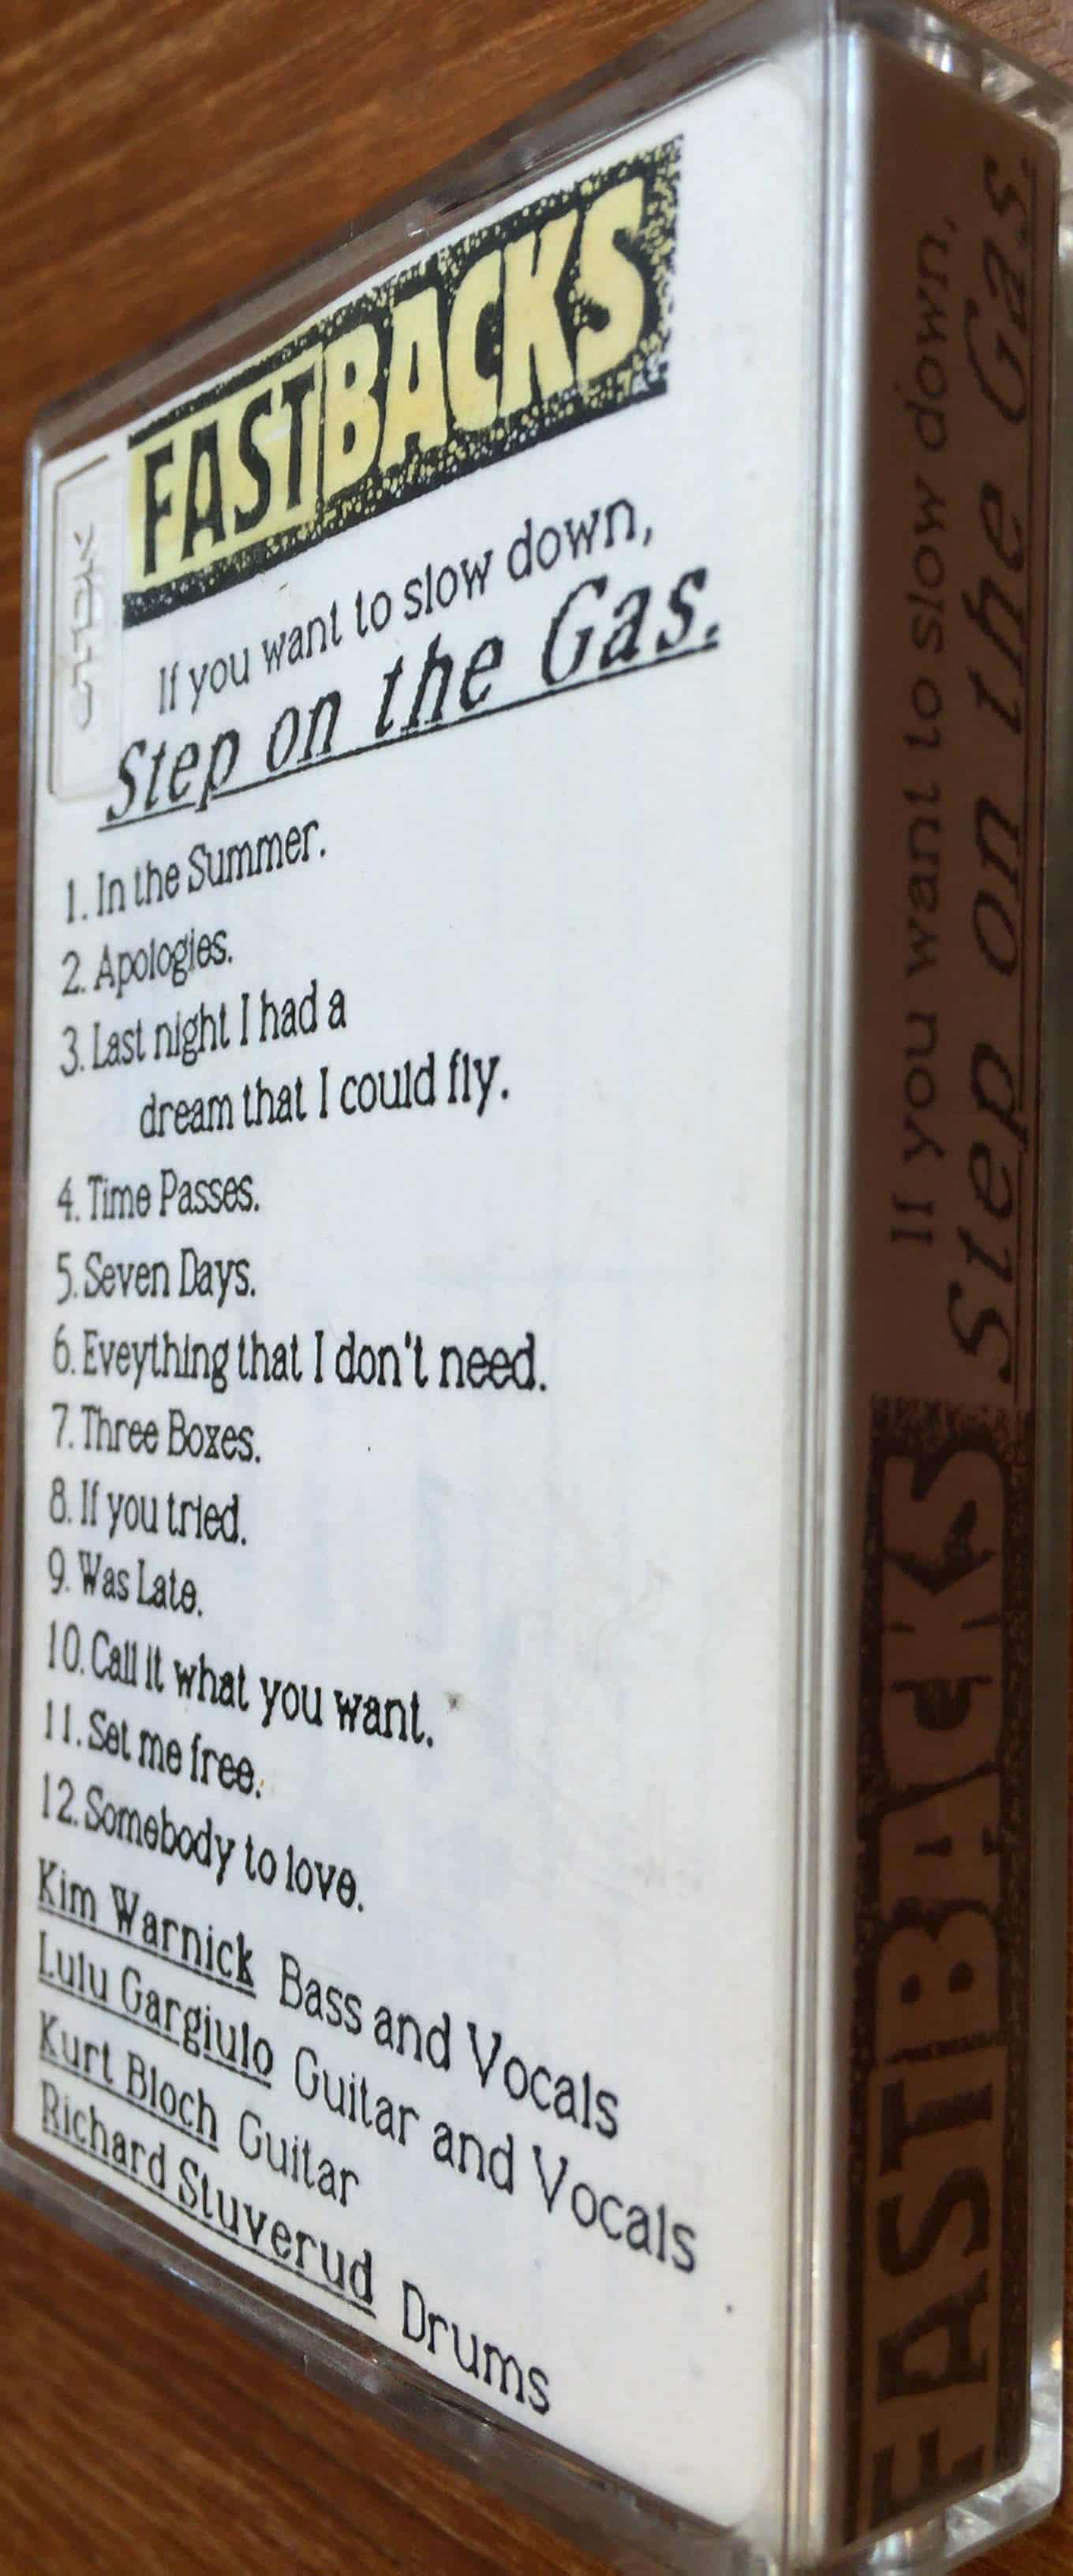 Fastbacks cassette 2